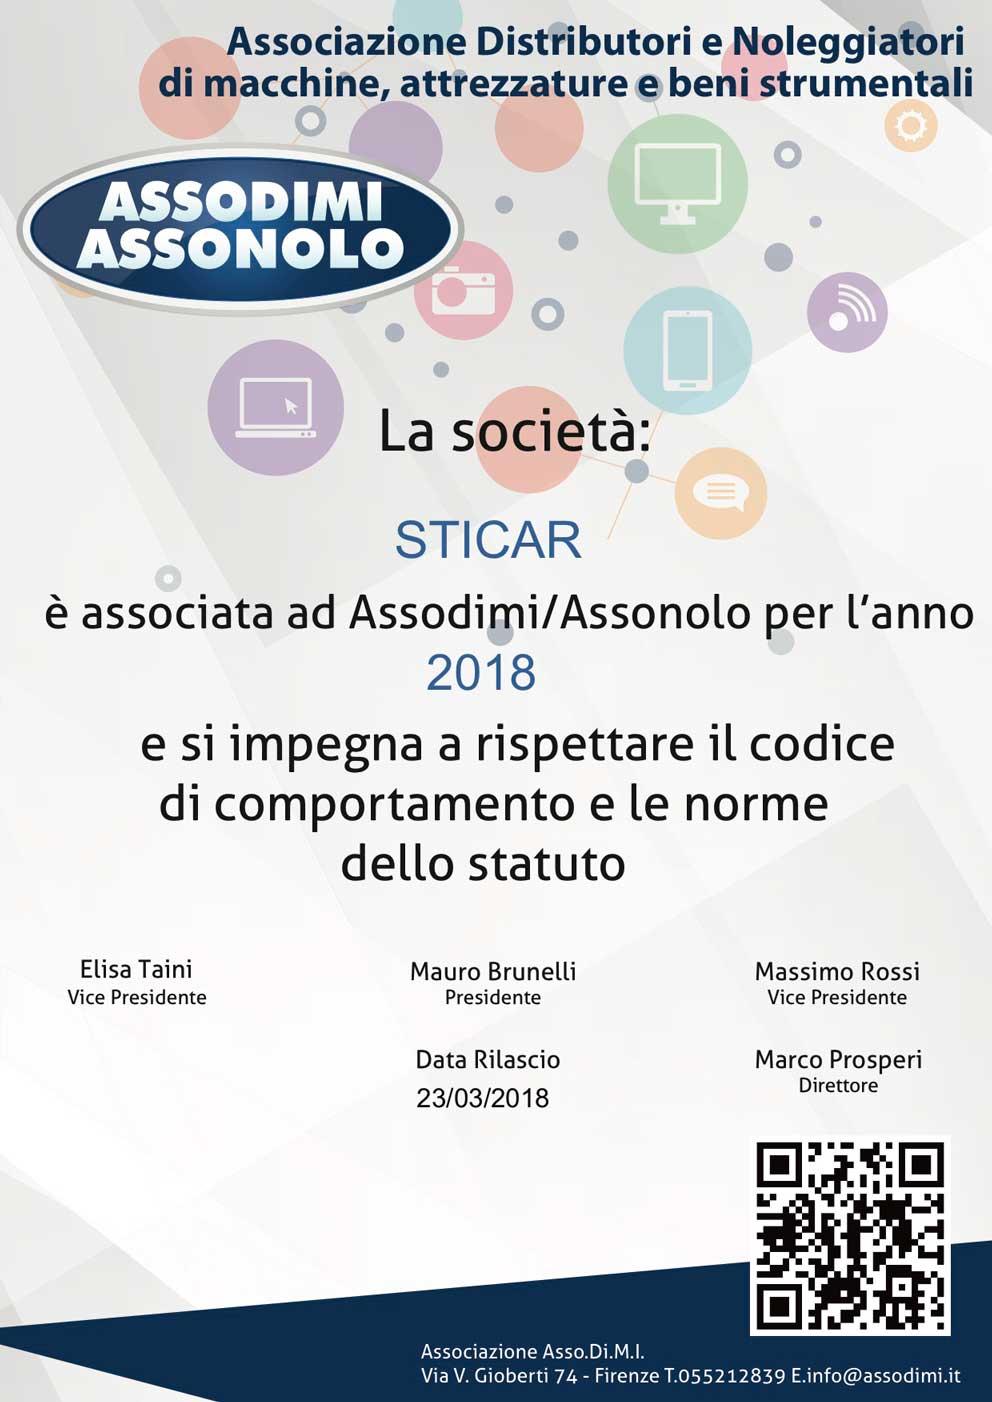 Attestato Assodimi Assonolo - Vantaggio noleggio